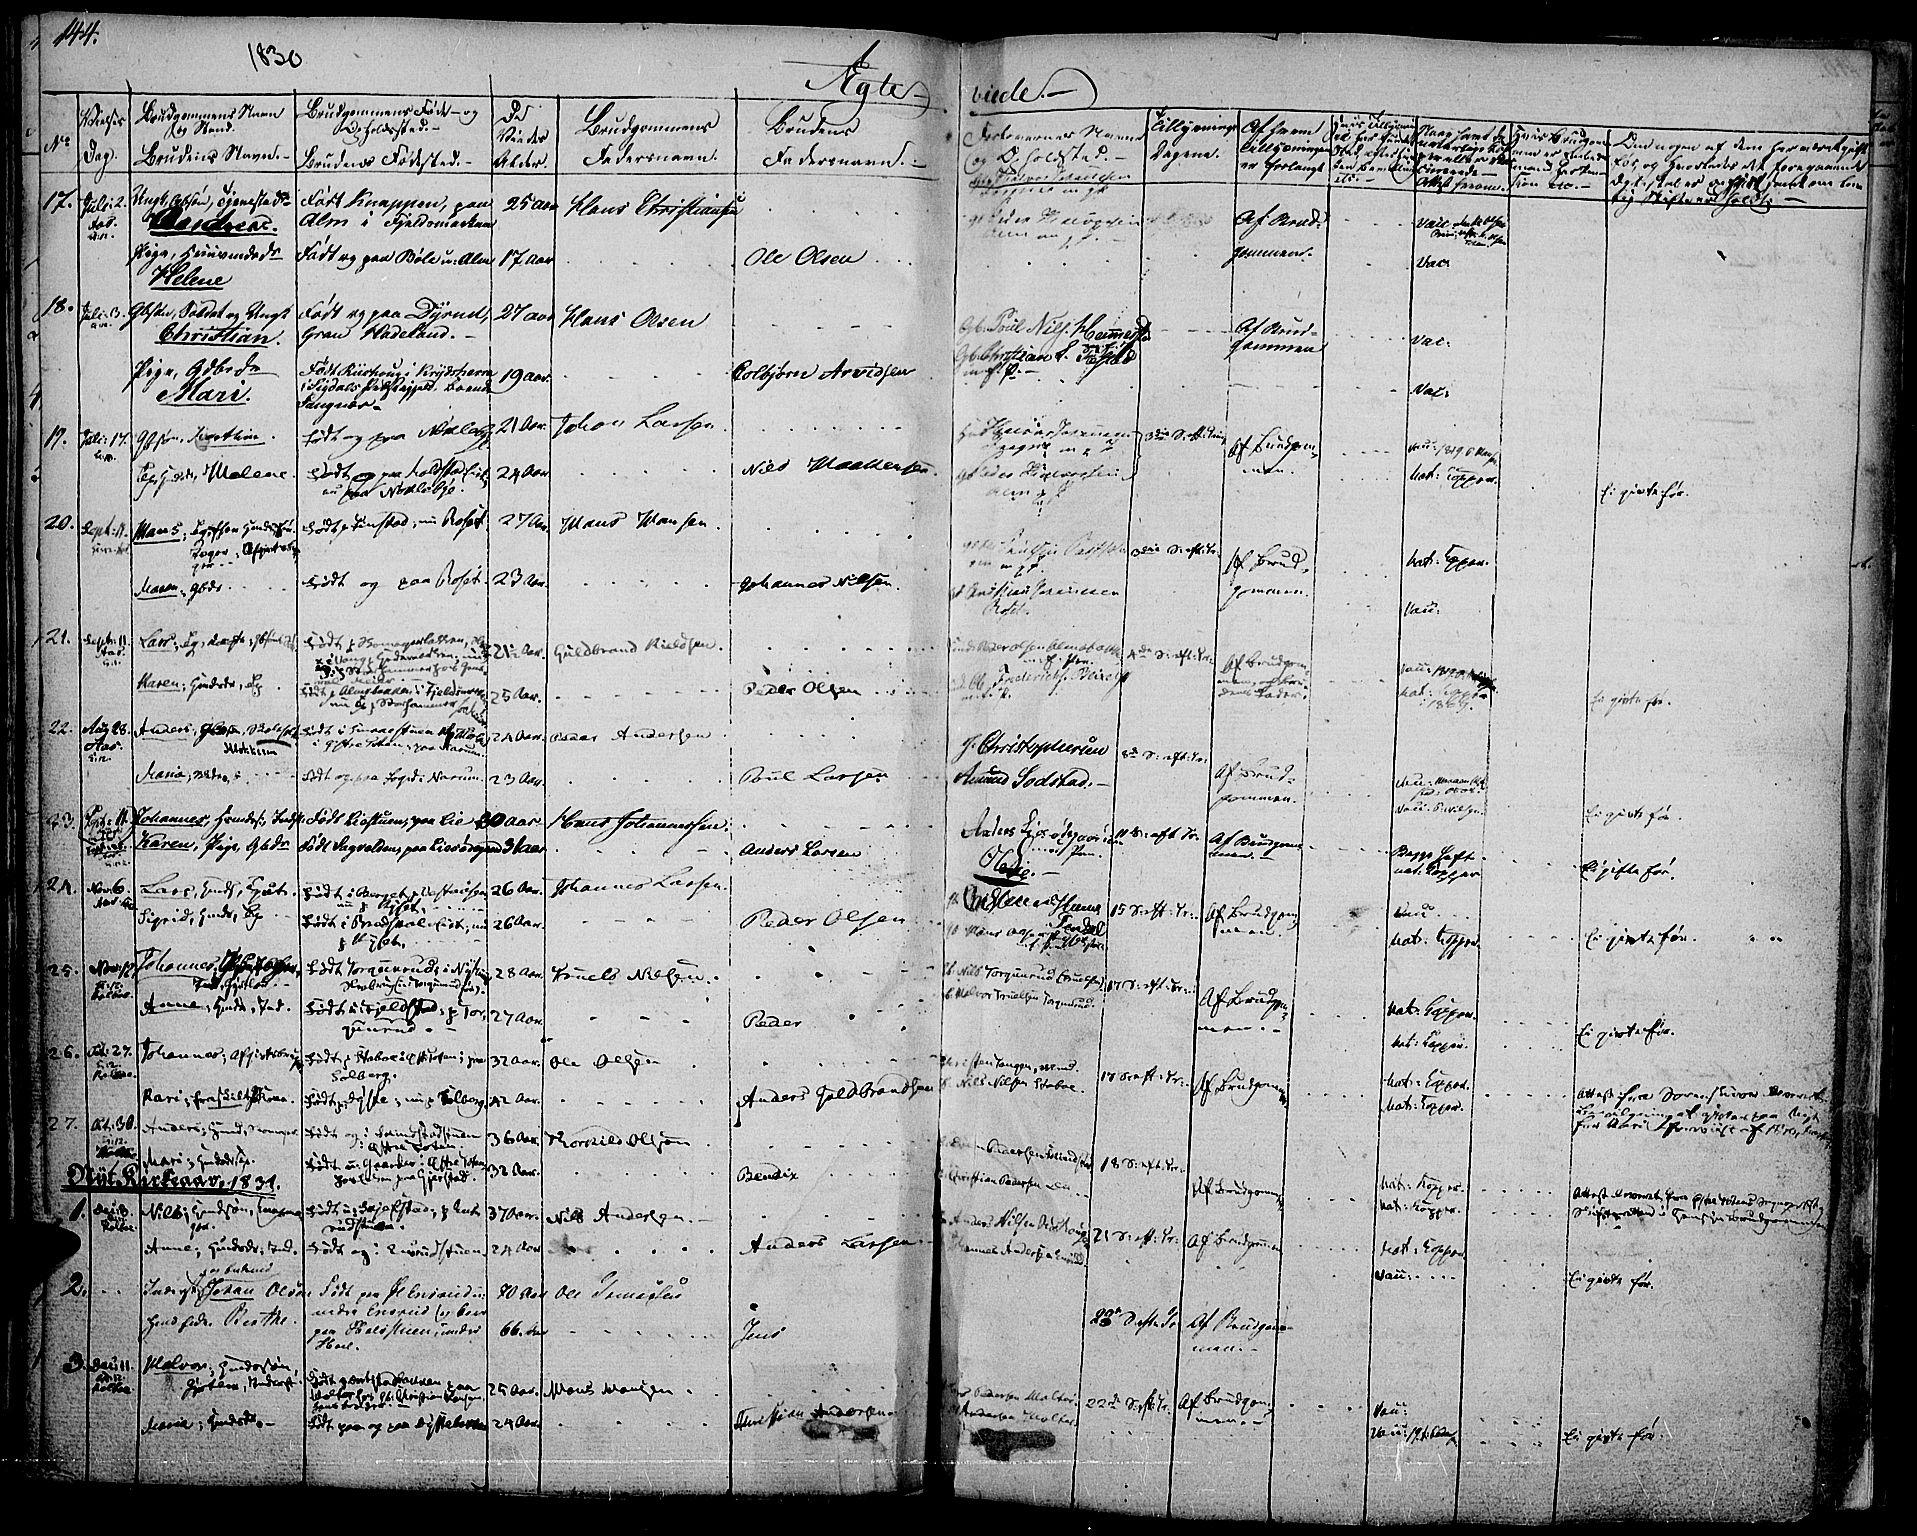 SAH, Vestre Toten prestekontor, Ministerialbok nr. 2, 1825-1837, s. 144